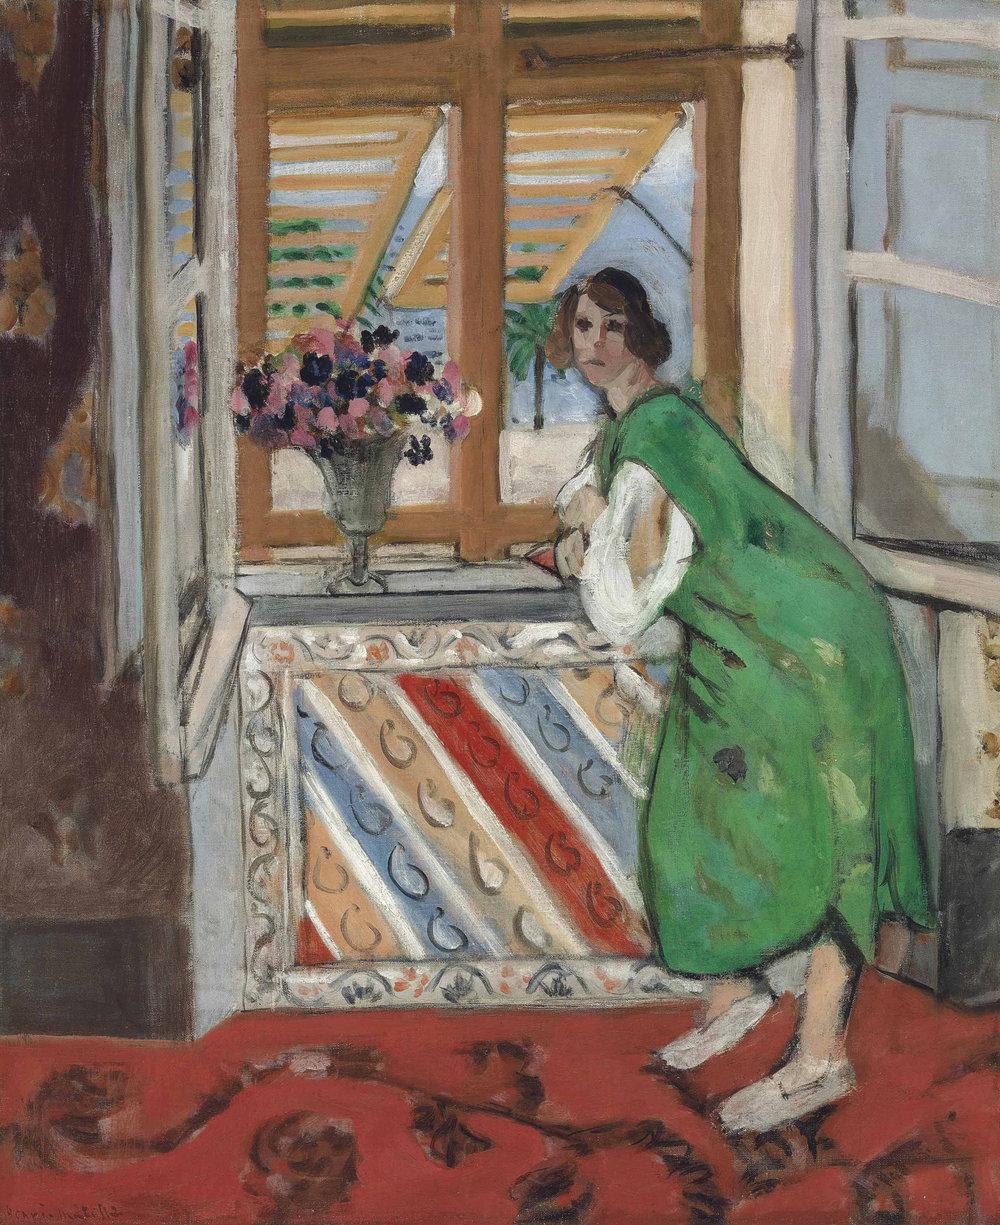 Henri Matisse, Jeune fille a la mauresque, robe verte, 1921, Oil on canvas, 66 x 55 cms (26 x 21 5/8 ins)